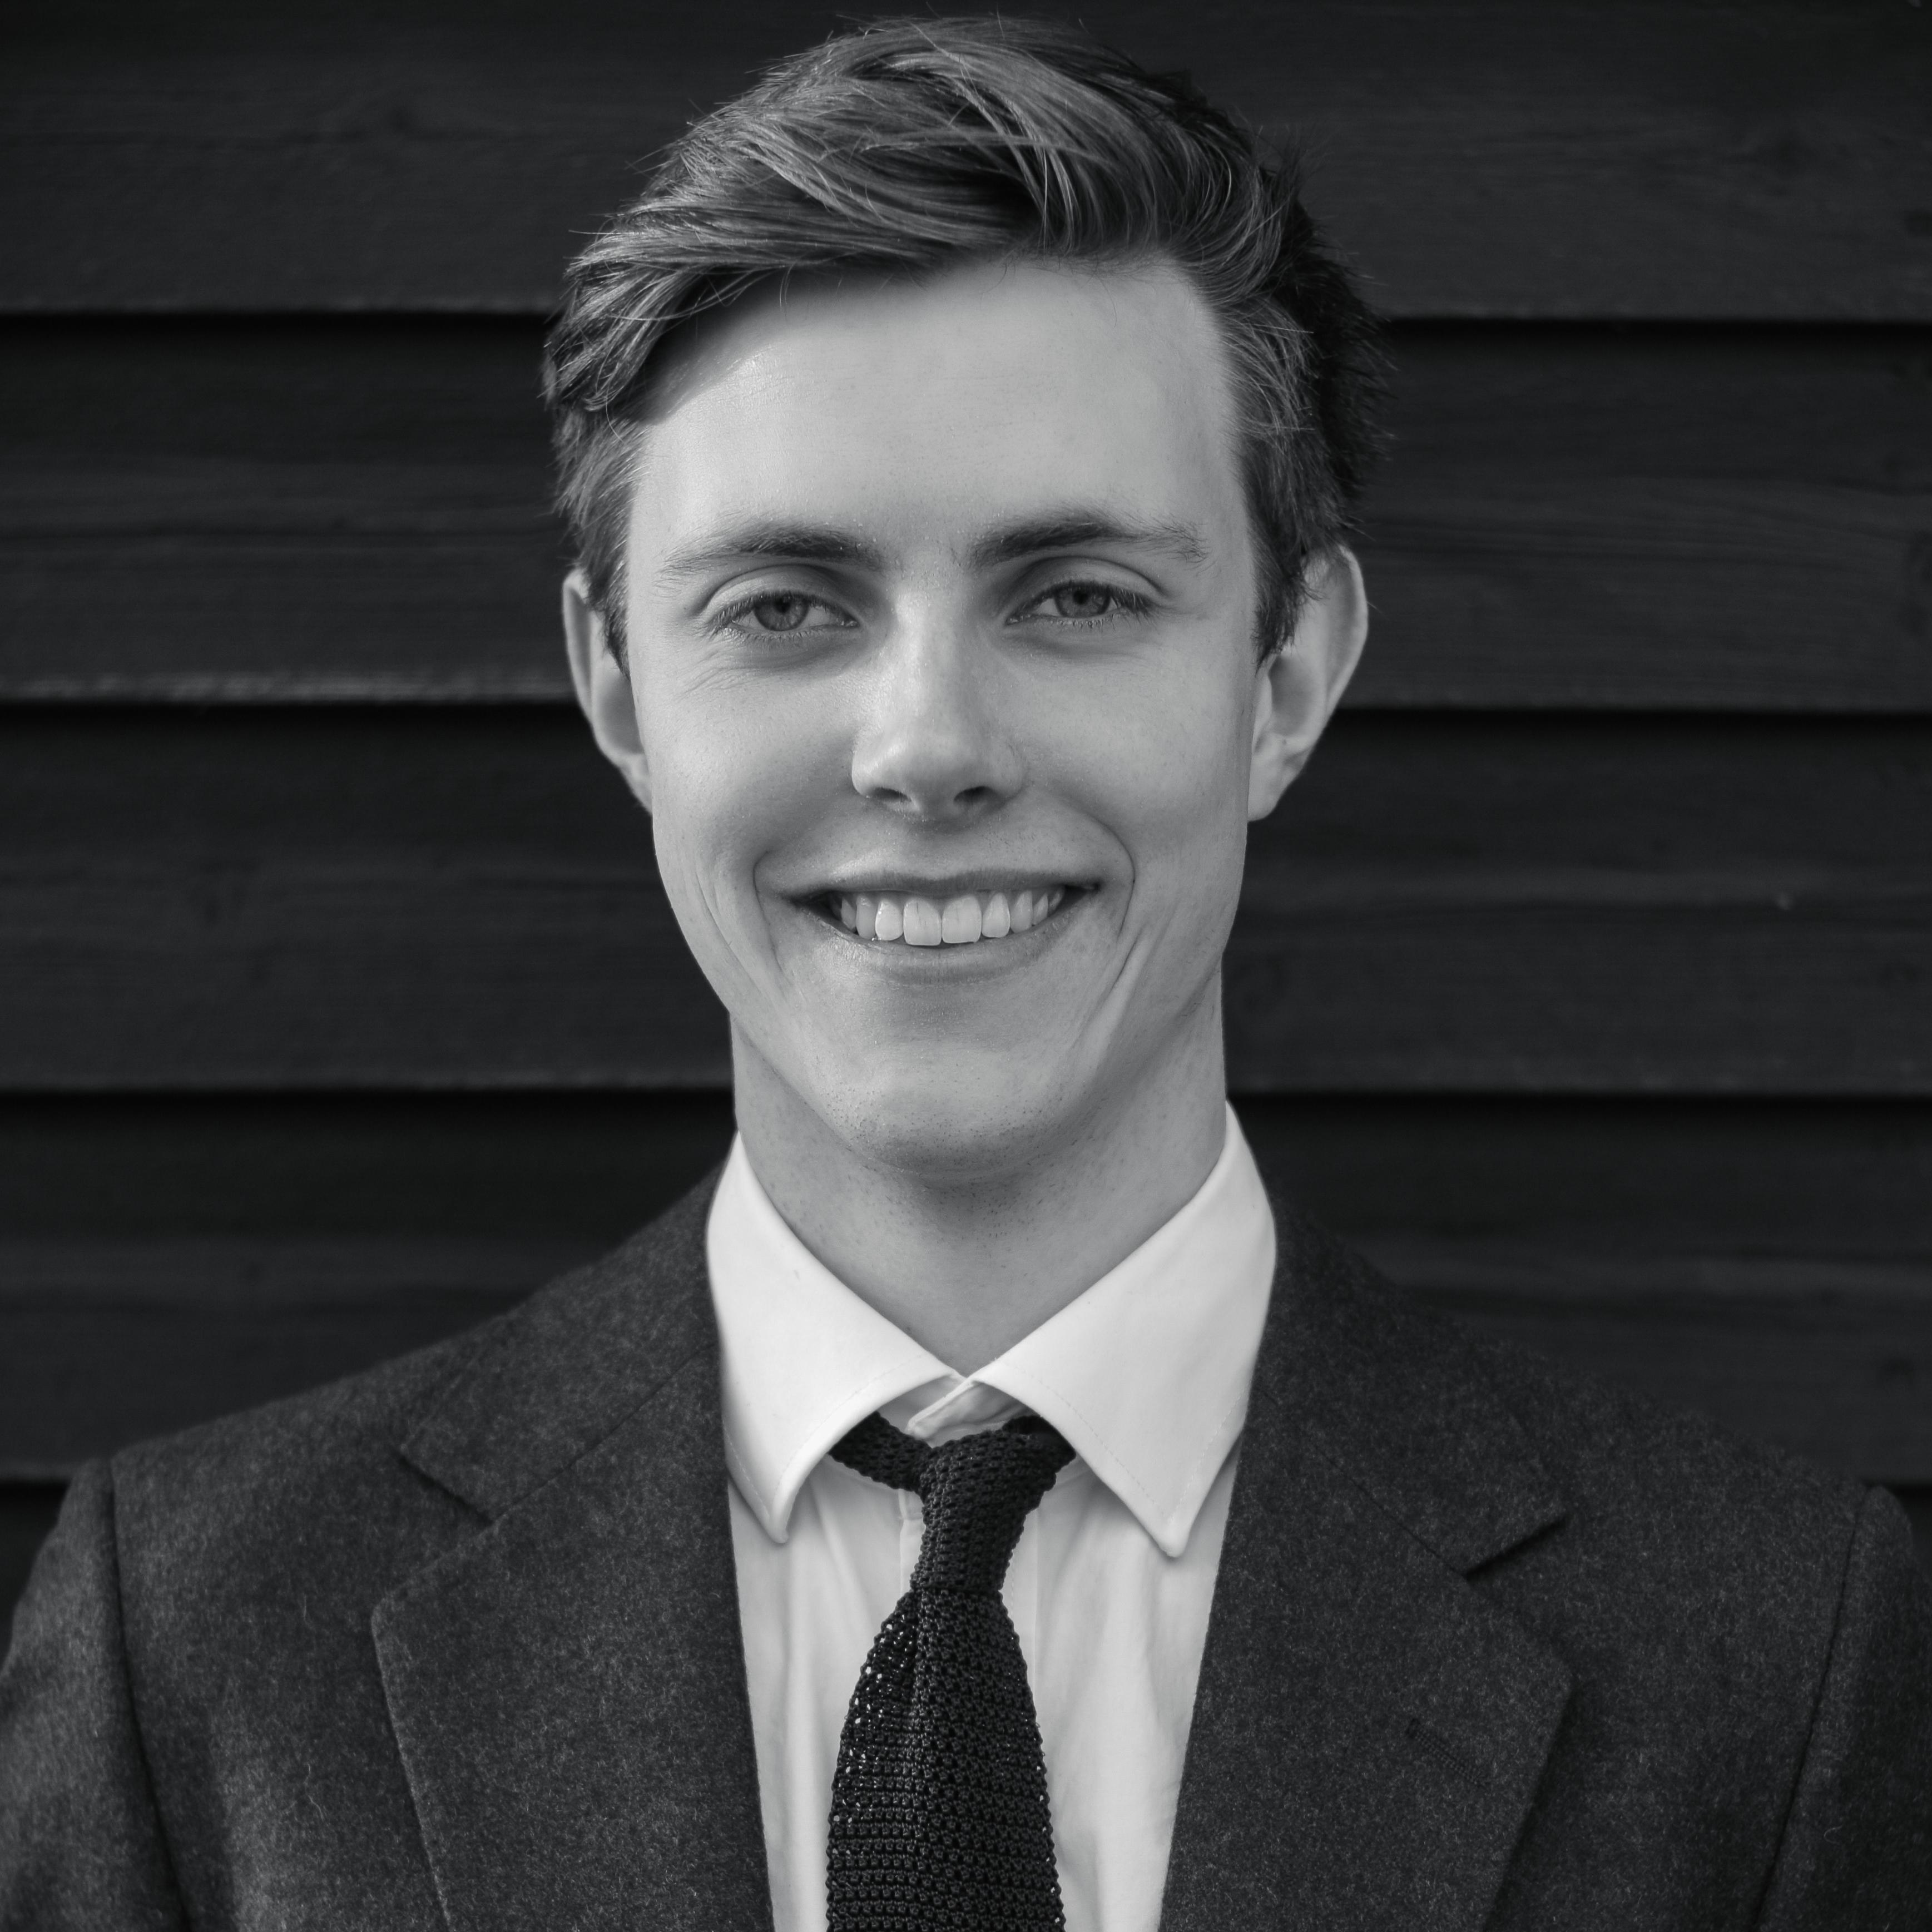 Gustaf Sjögren